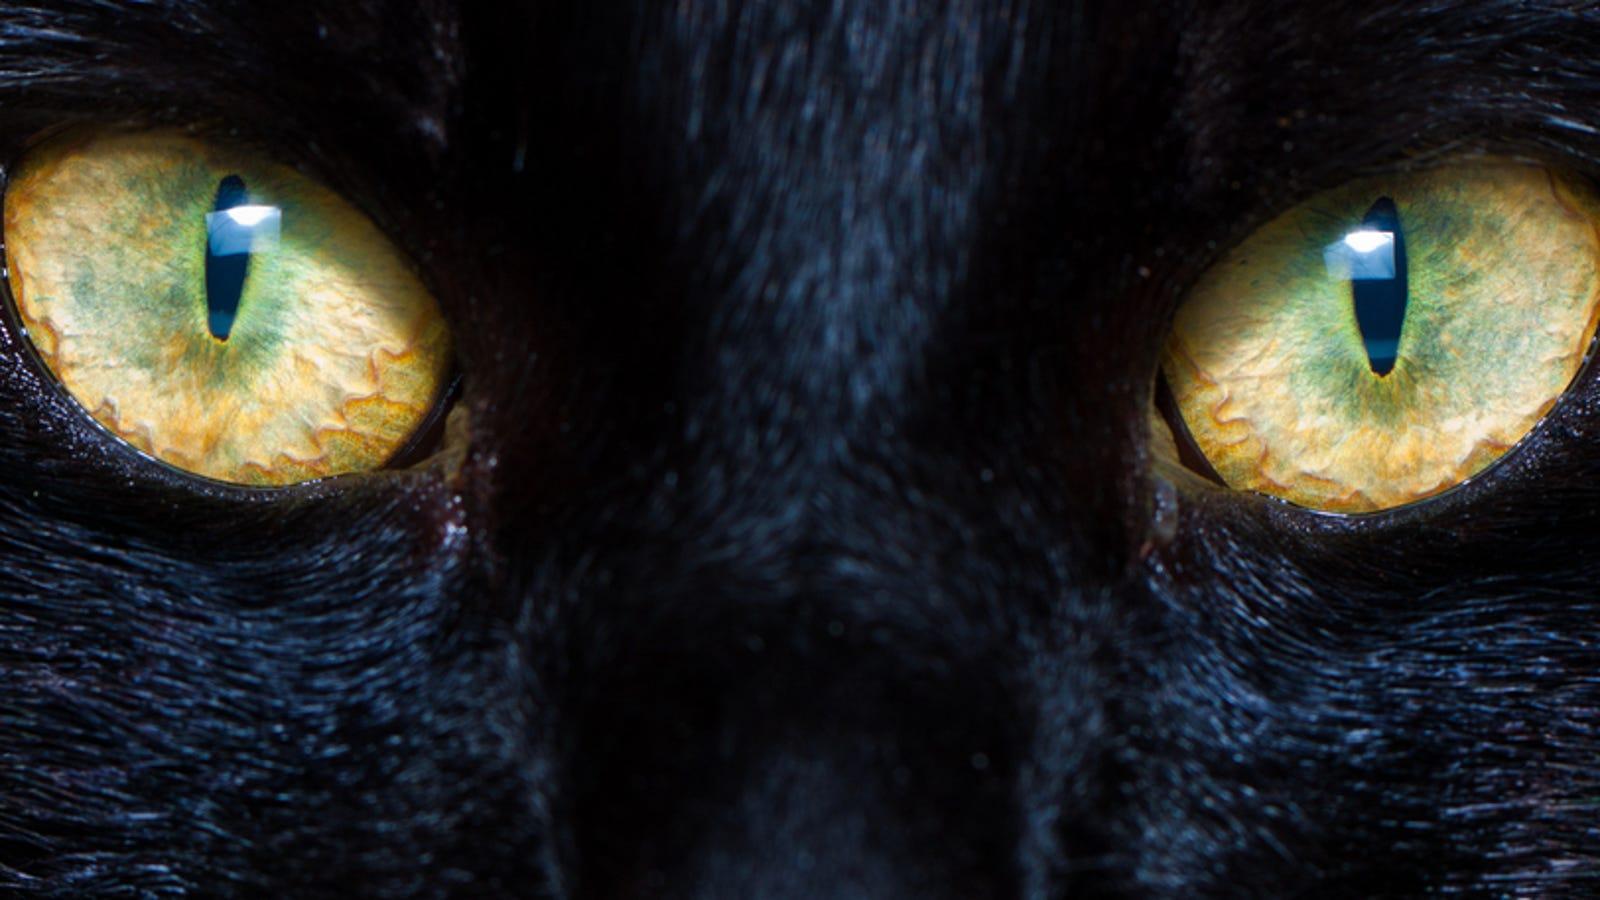 Los científicos que lograron ver a través de los ojos de un gato